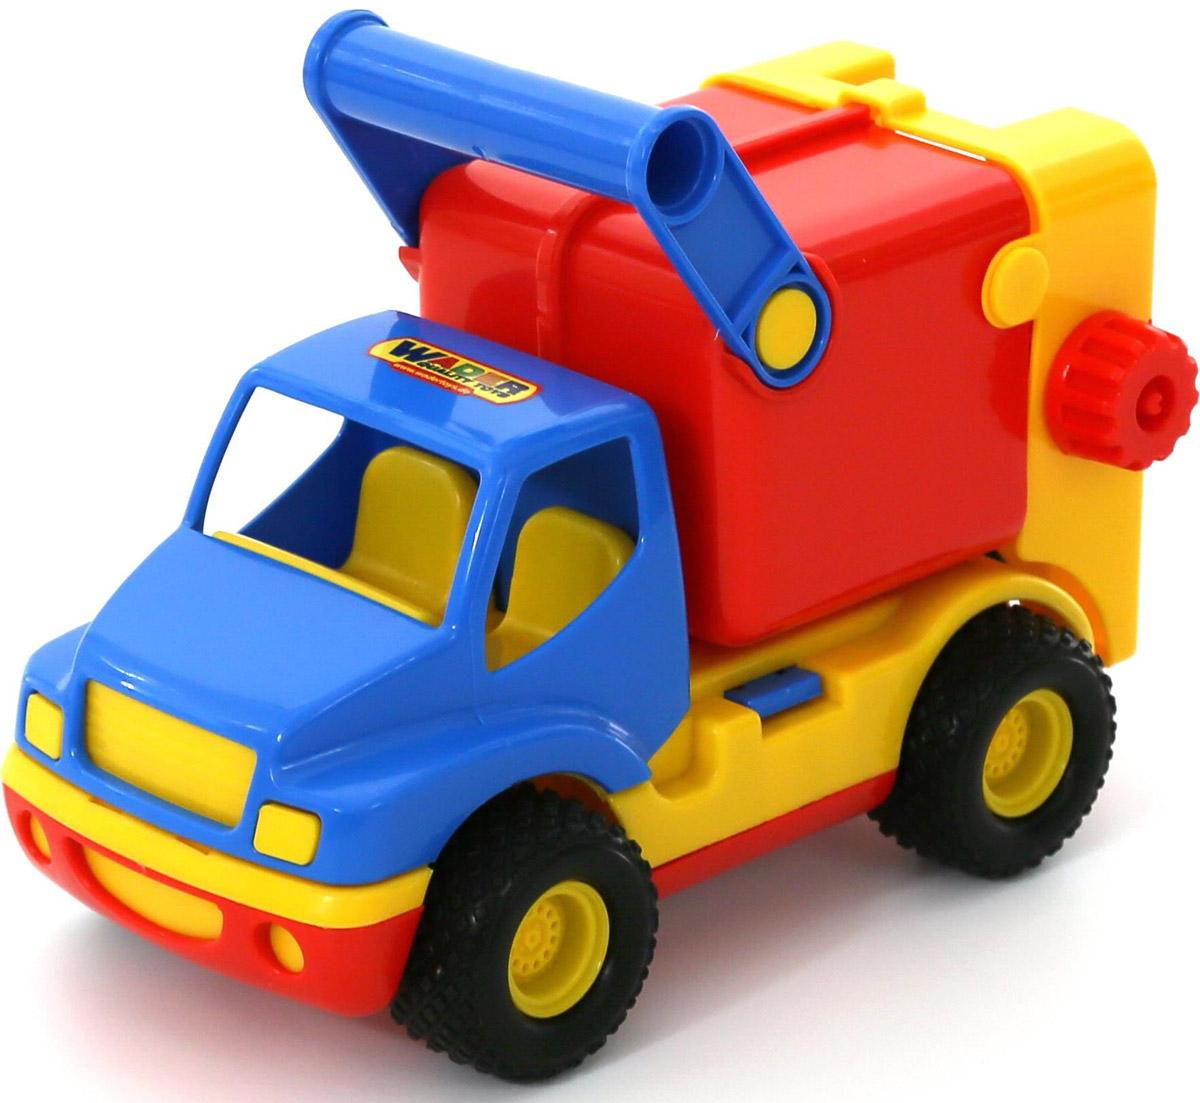 Полесье Коммунальная спецмашина КонсТрак полесье коммунальный автомобиль констрак